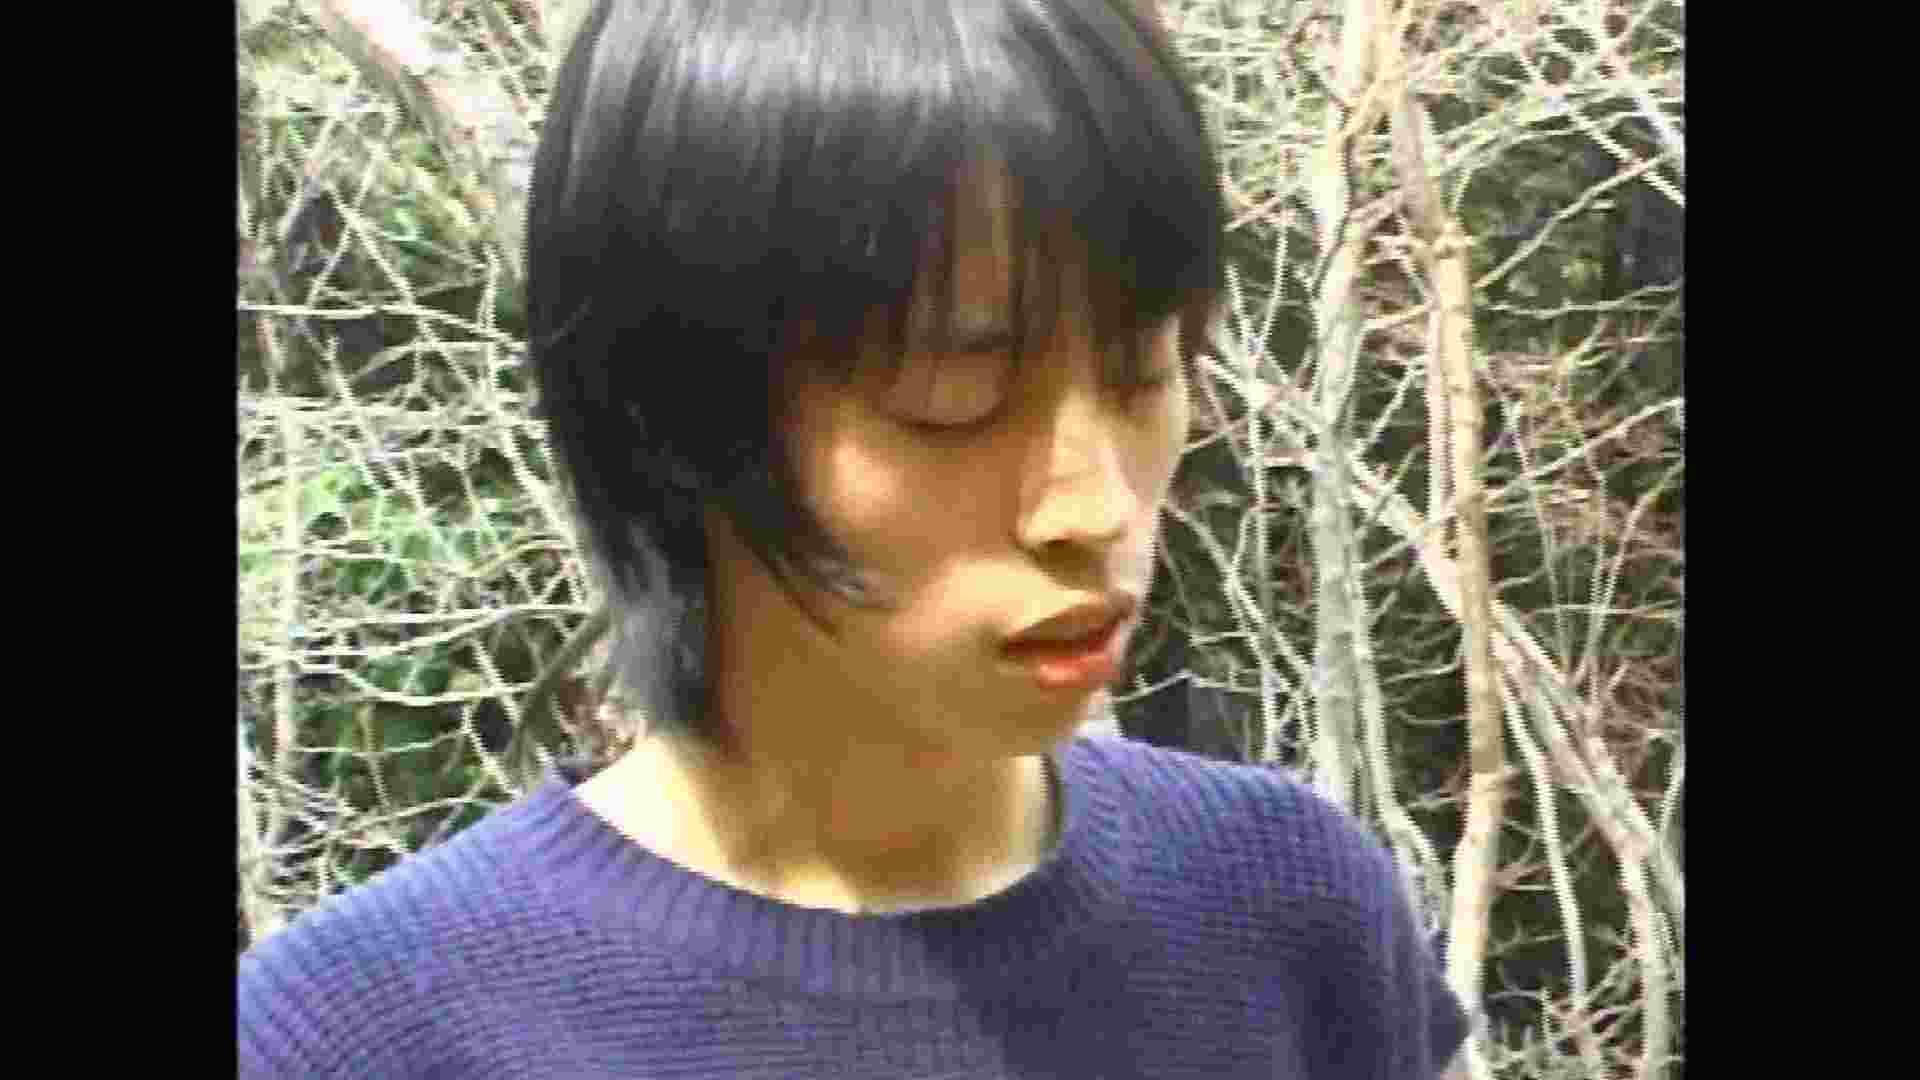 GAYBOY宏のオカズ倉庫Vol.5-3 GAY ゲイフリーエロ画像 59画像 11